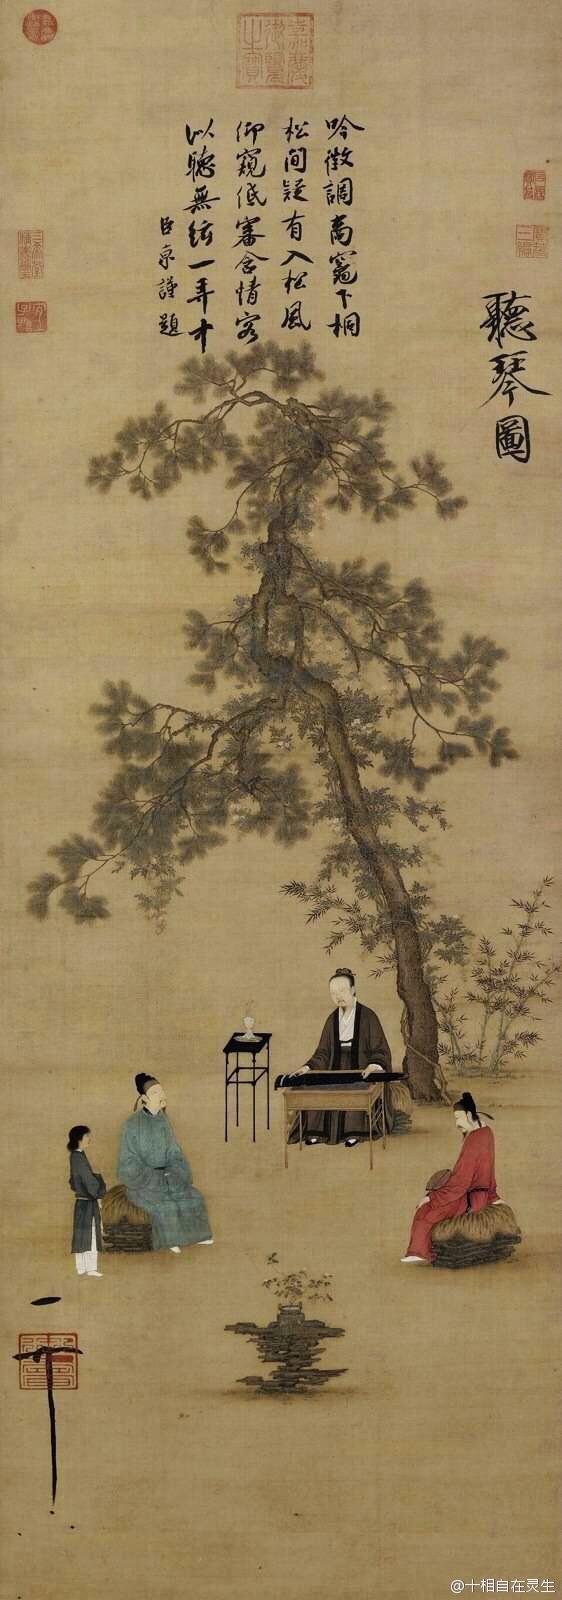 宋徽宗赵佶流传署名书画不少,但多数非独立完成